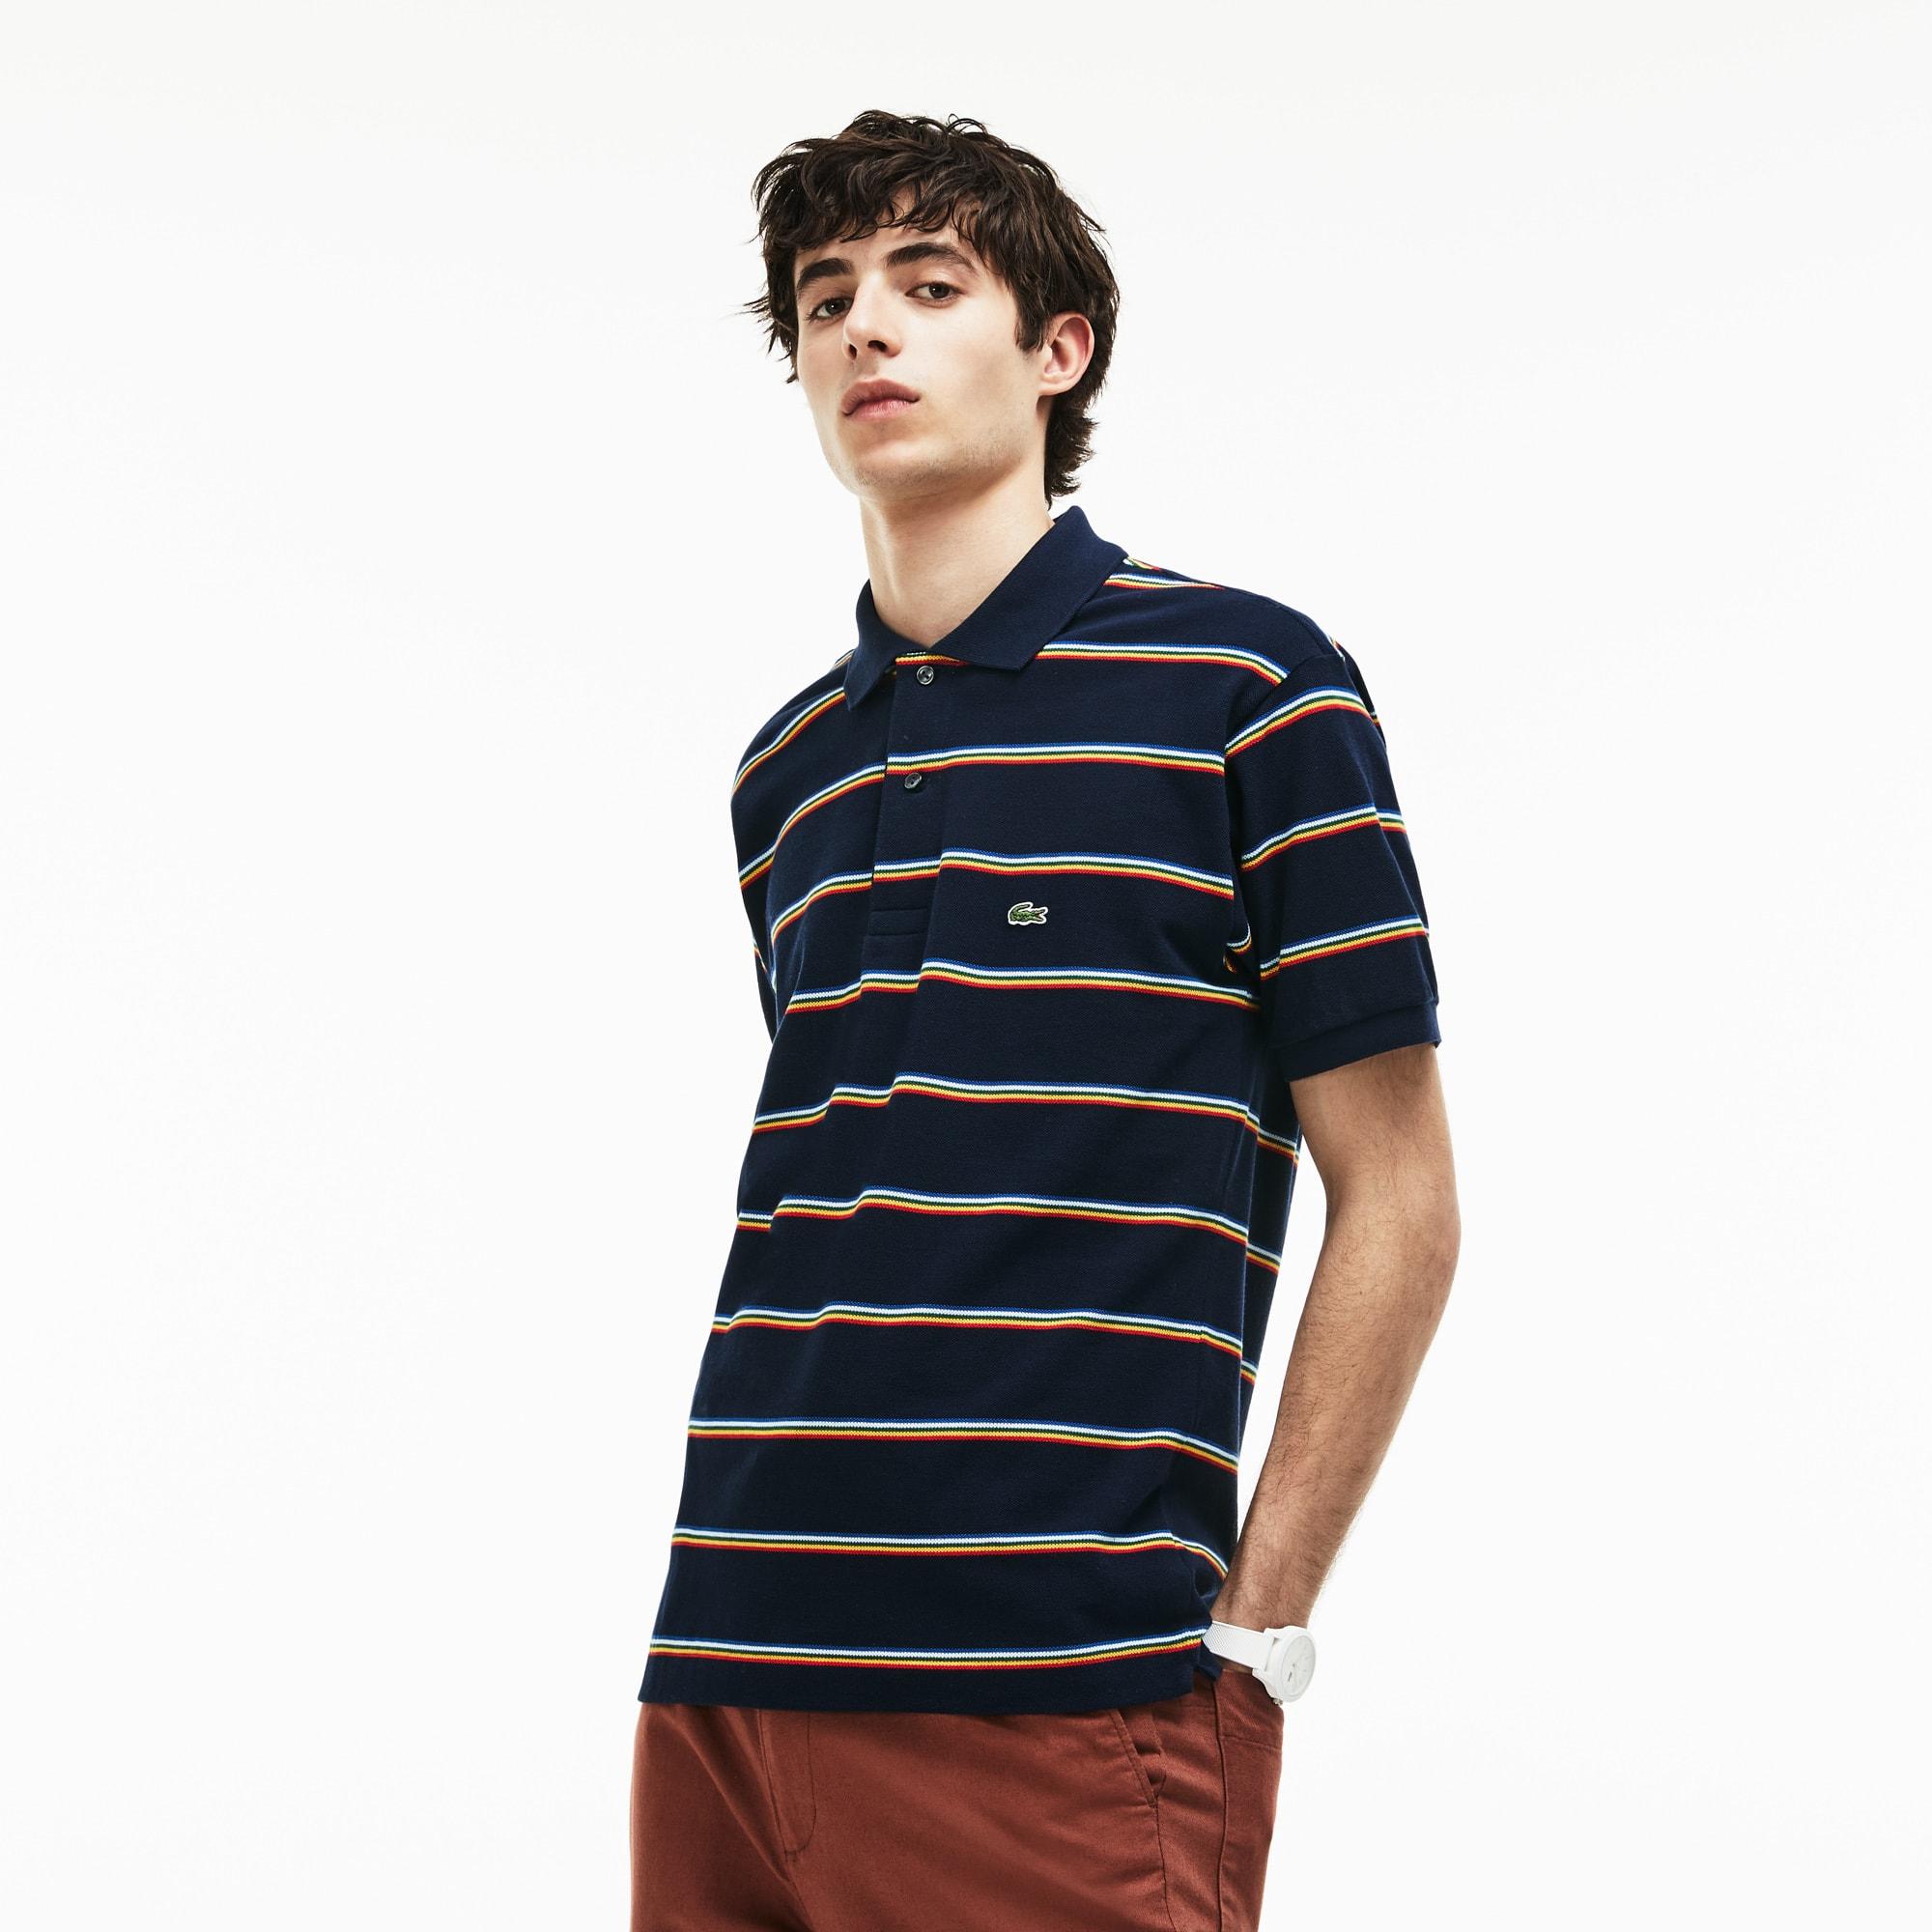 Men's Lacoste L.12.12 Striped Cotton Piqué Polo Shirt